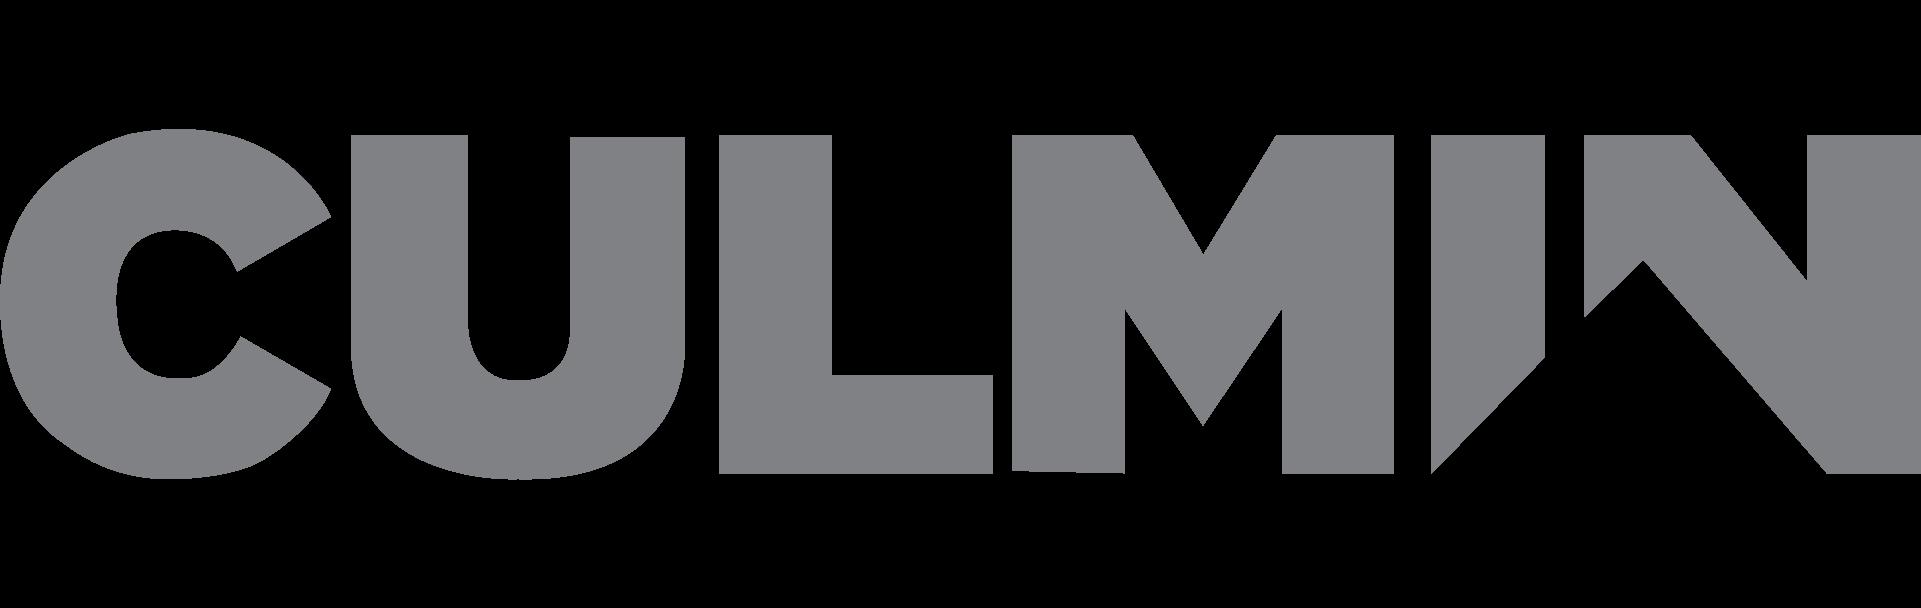 Culmin Logo [Dictum Media]